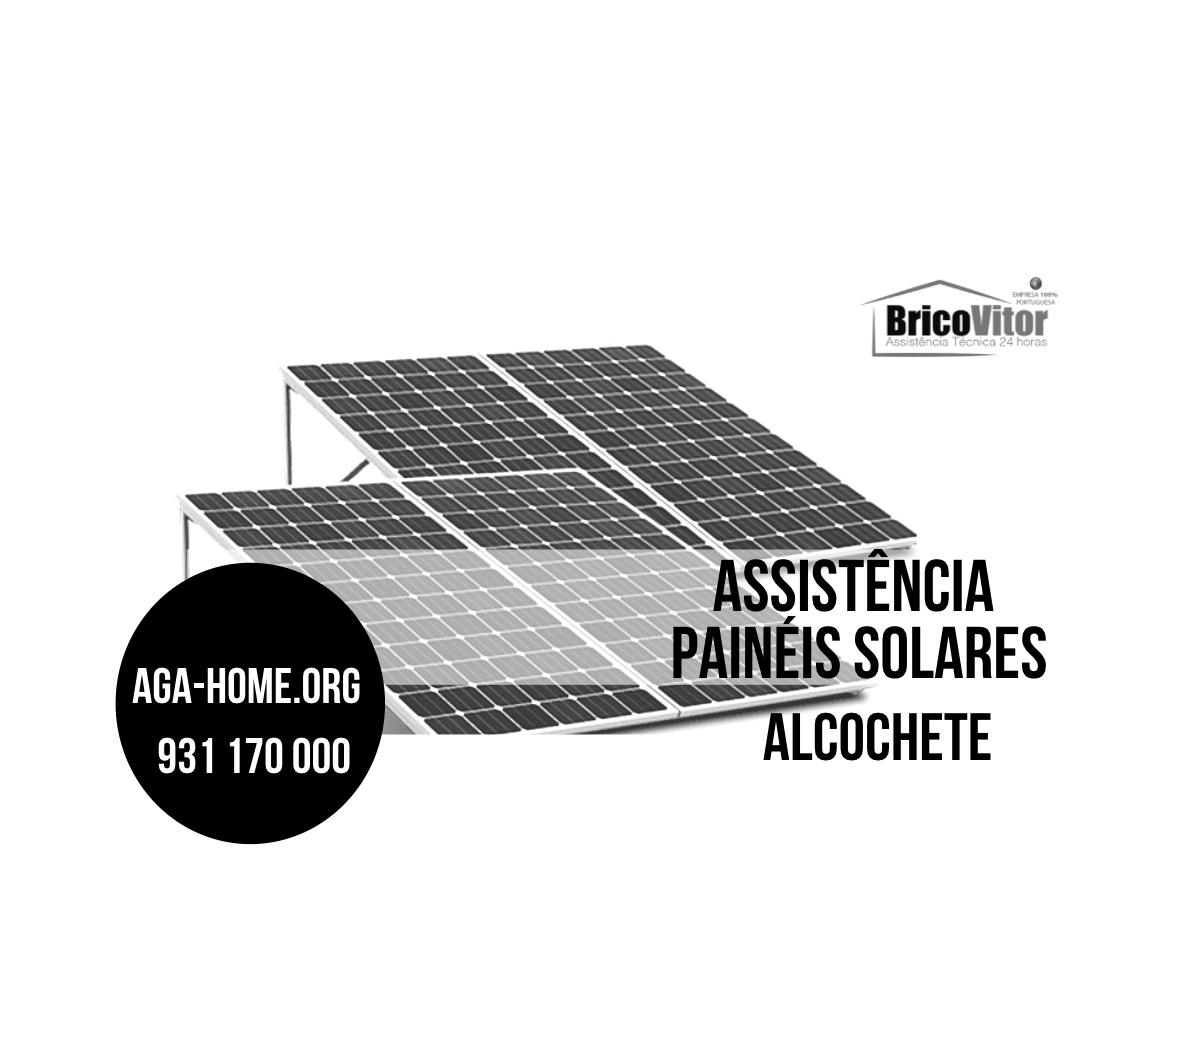 Assistência Painéis Solares Alcochete